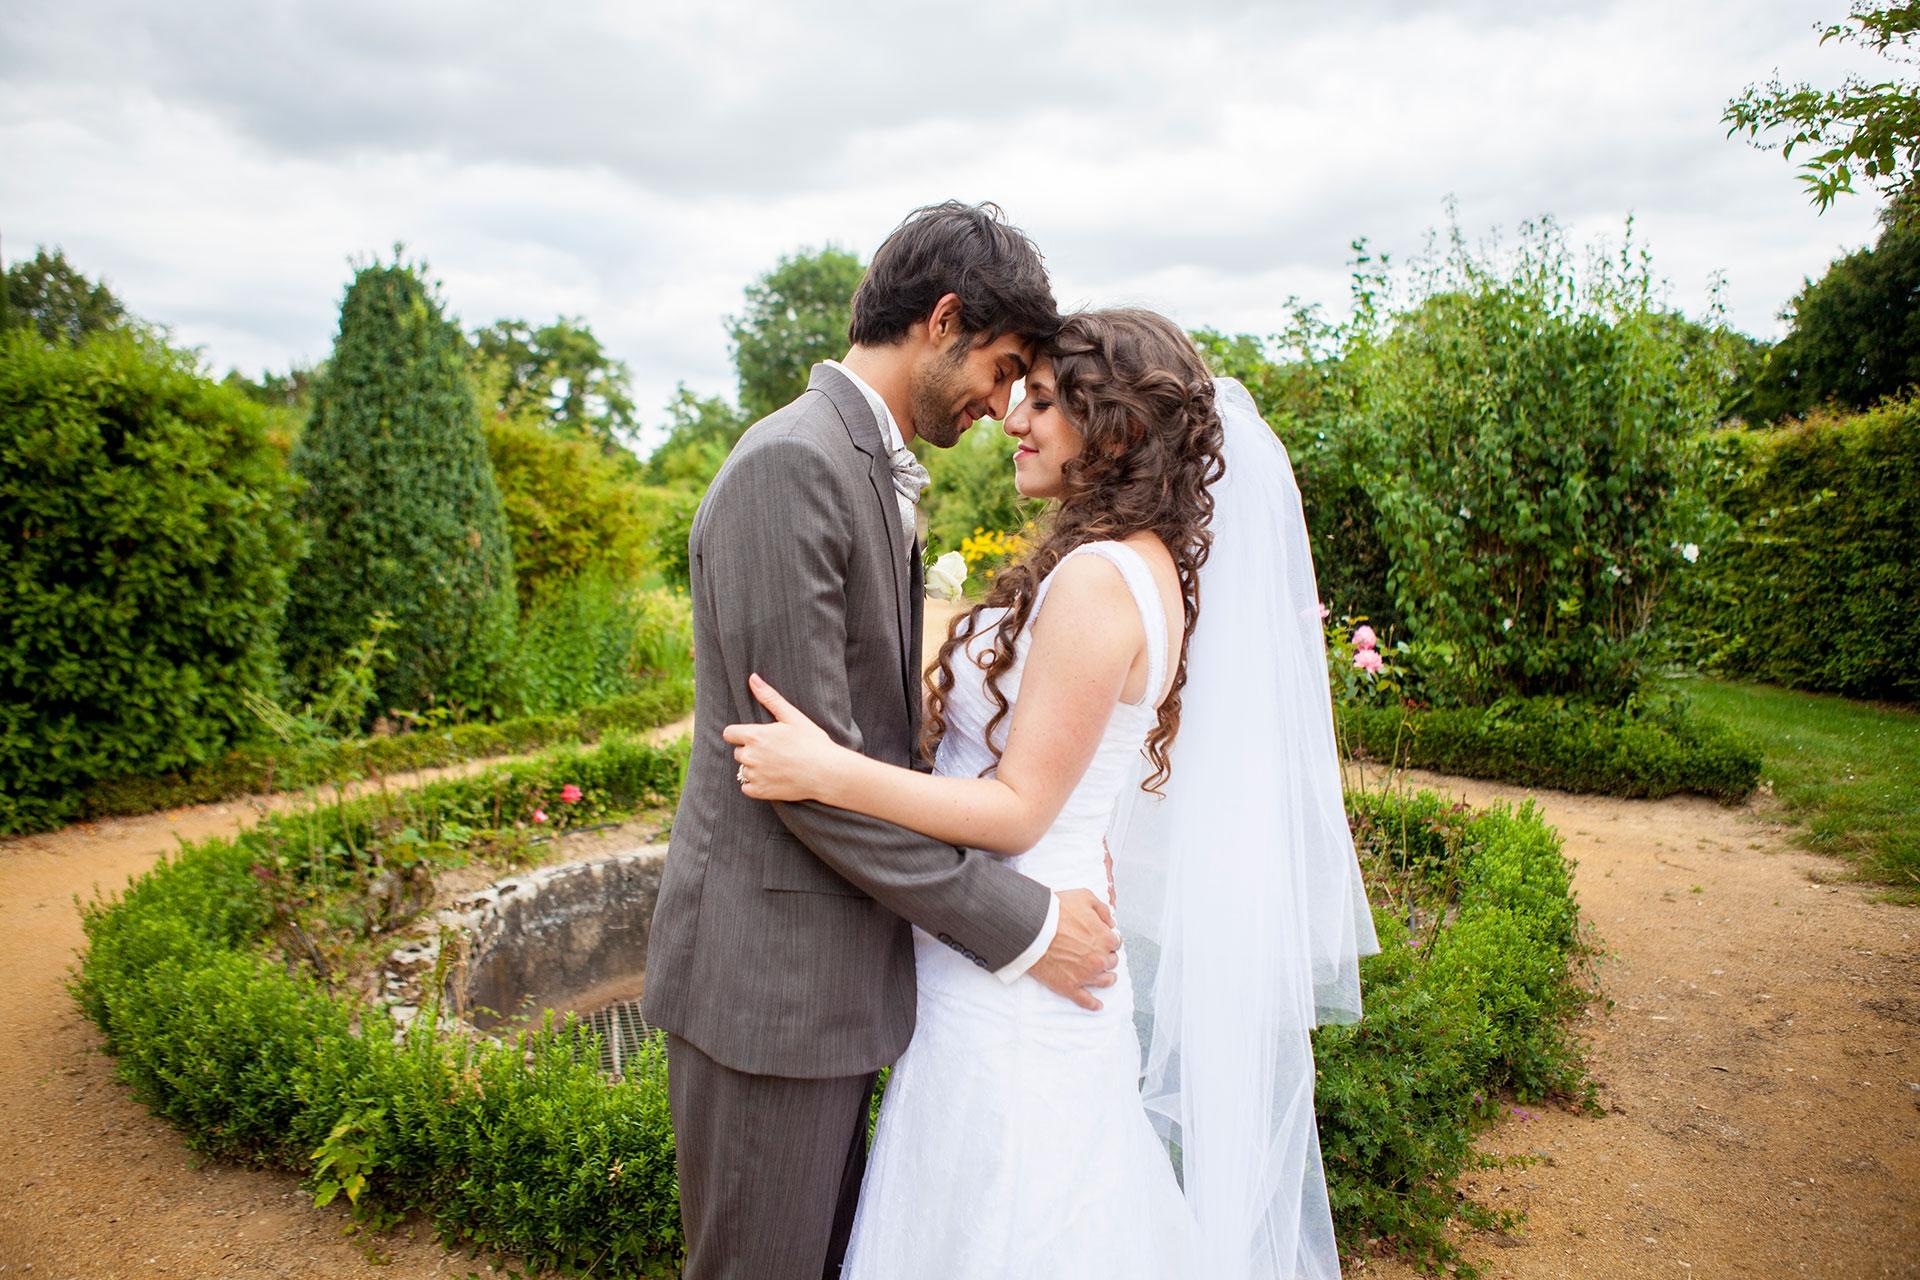 particuliers-evenements-mariages-oui-agnes&louis-63